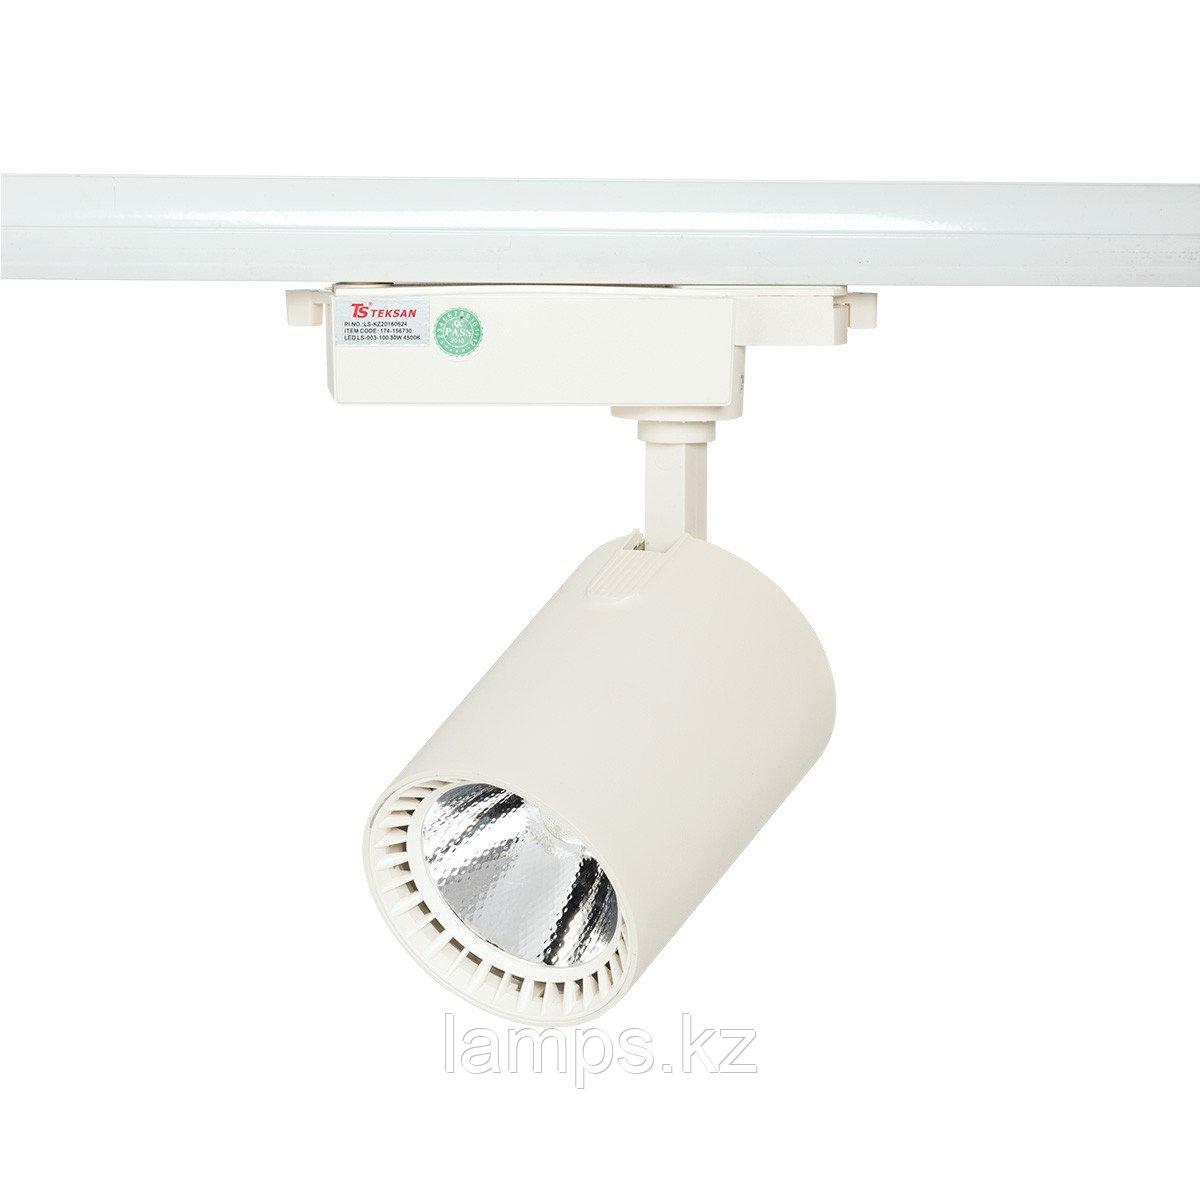 Светильник на шину, светодиодный, трековый, потолочный LED LS-003-100 30W 6000K White